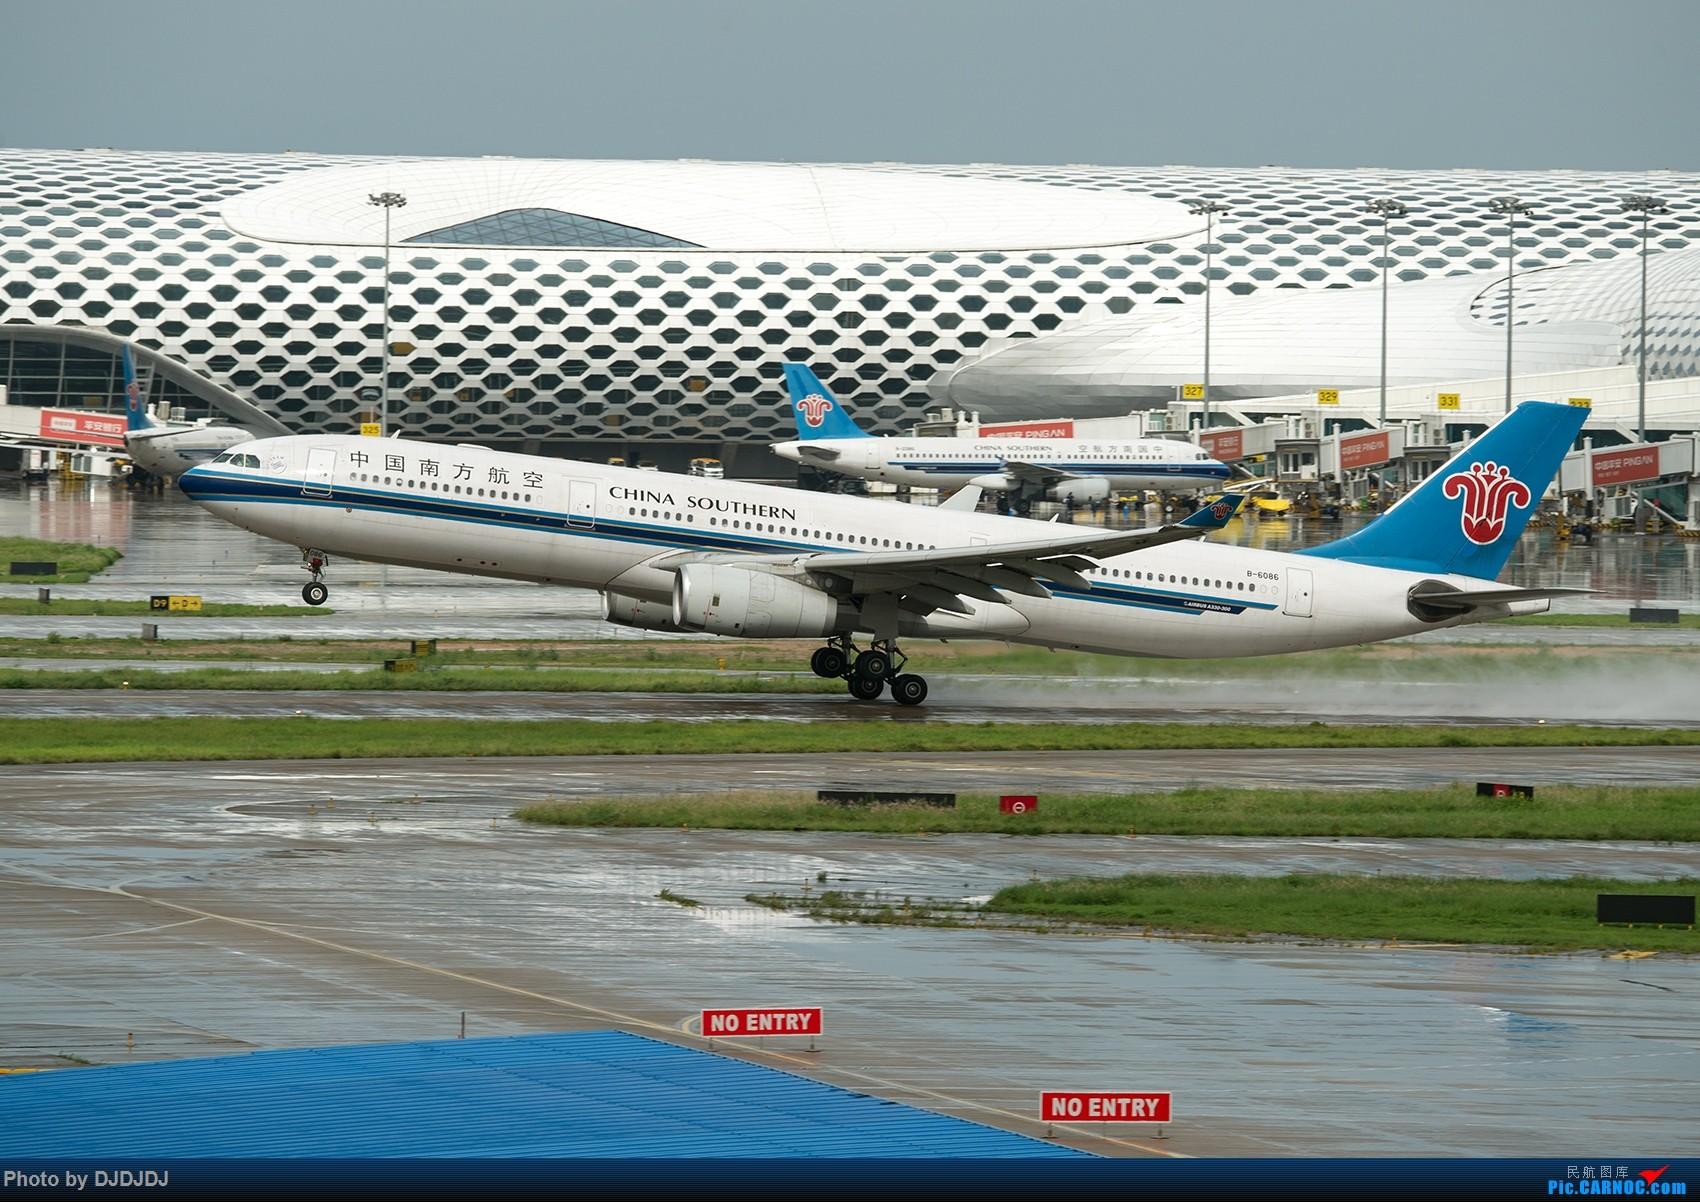 [原创]【BLDDQ】今天520,拼了,今年首次红色预警 230班航班因雨取消,拼的是兄弟,拼的是人品。。 BOEING 747-400 B-18202 中国南京禄口国际机场 中国深圳宝安国际机场